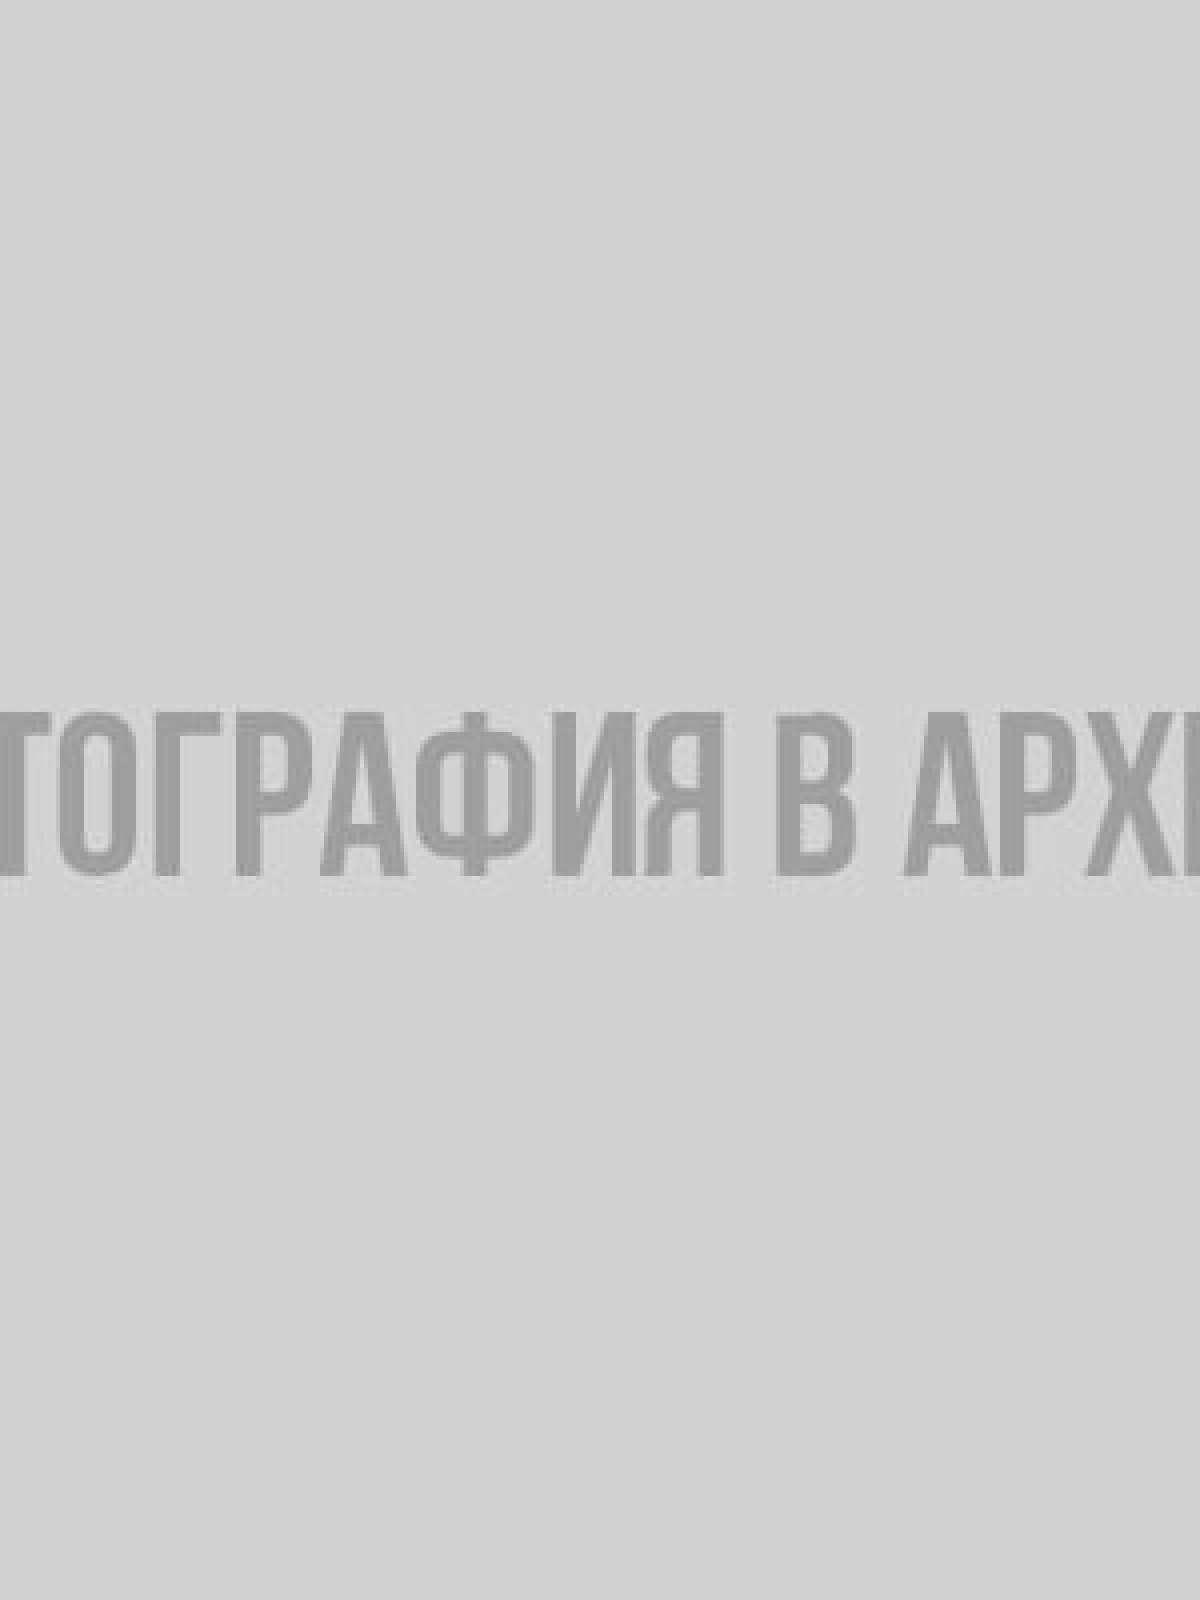 В Шлиссельбурге во время пожара в частном доме взорвался газовый баллон - фото Шлиссельбург, пожар, Ленобласть